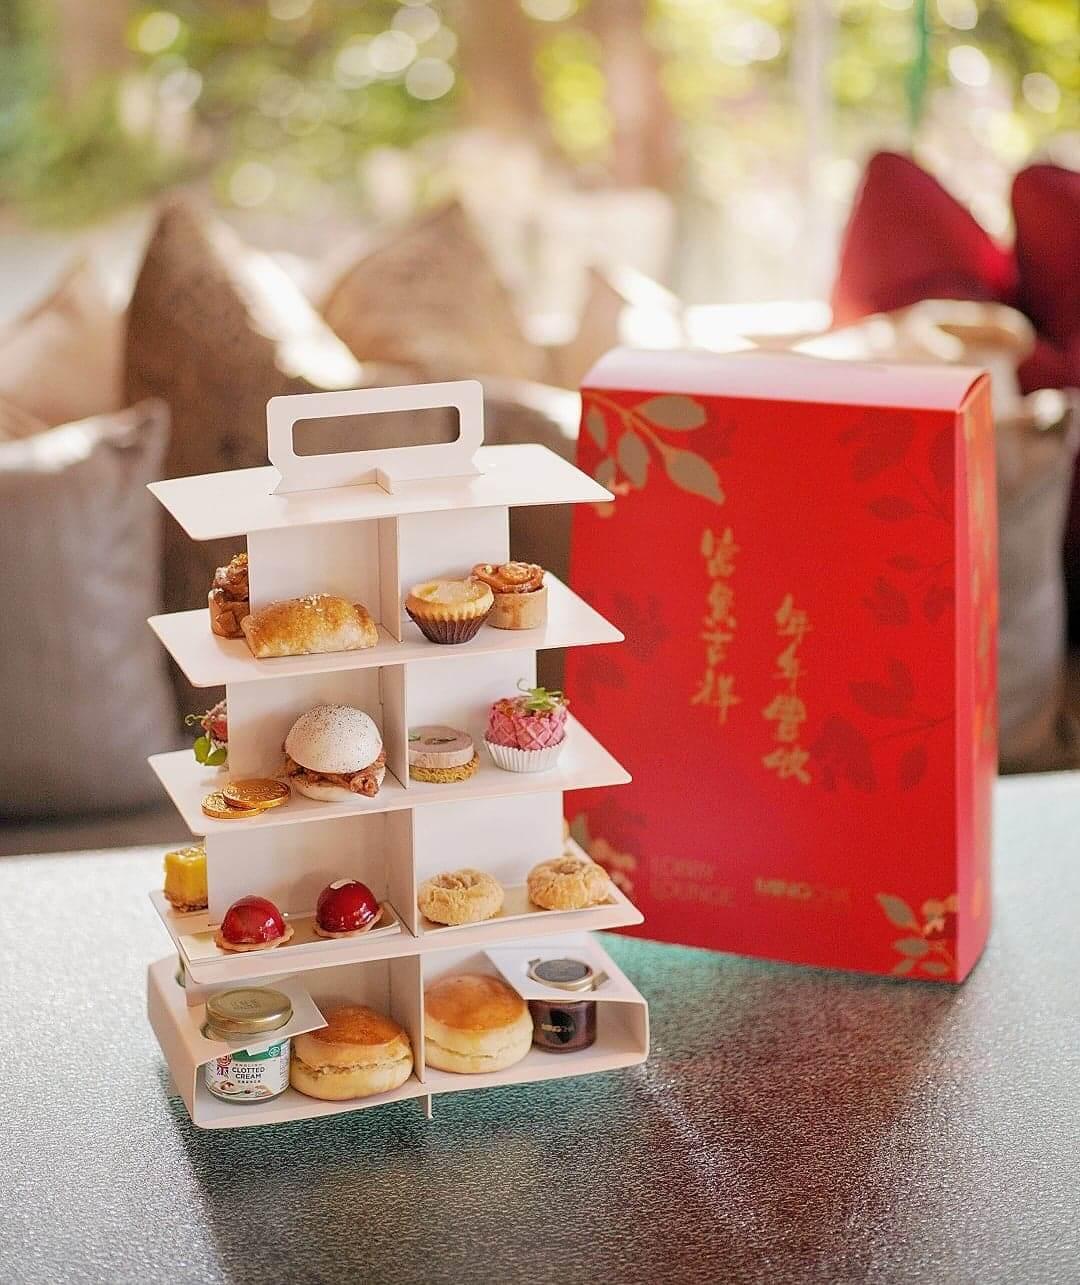 「福澤春茶」外攜版下午茶,隨農曆新年換上新裝,紅色設計格外起眼,為新年節慶倍添氣氛。